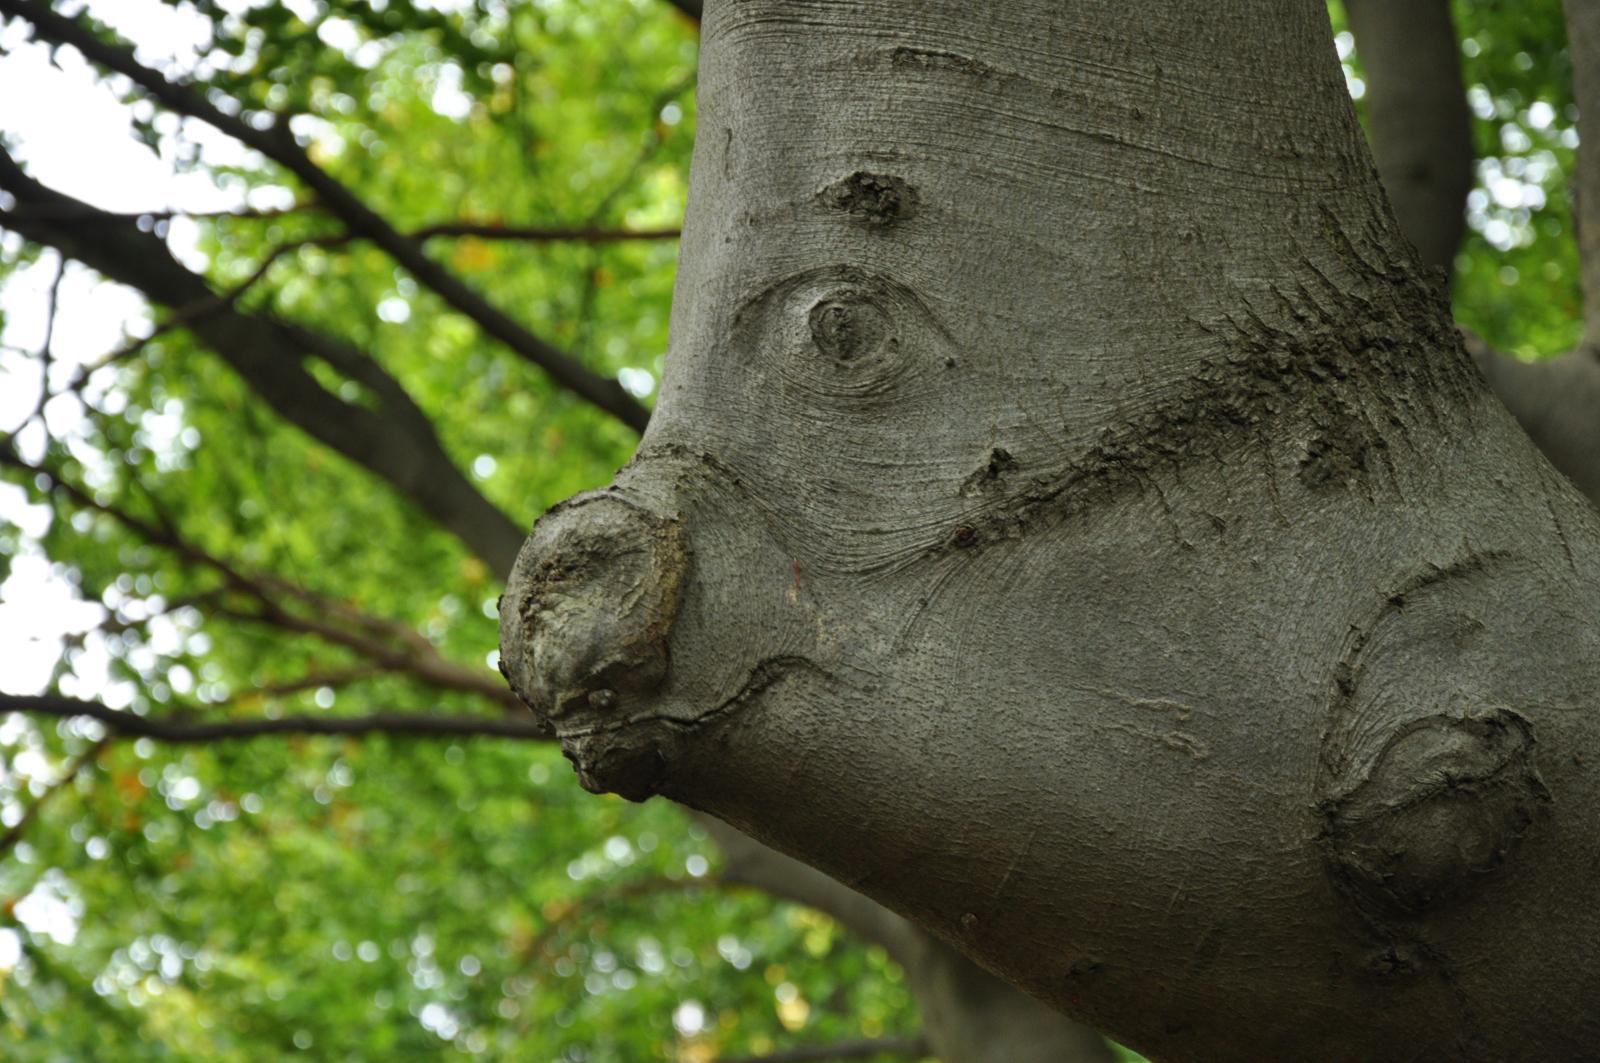 Ein Baumstamm dessen Rinde wie der Kopf eines Schweins aussieht